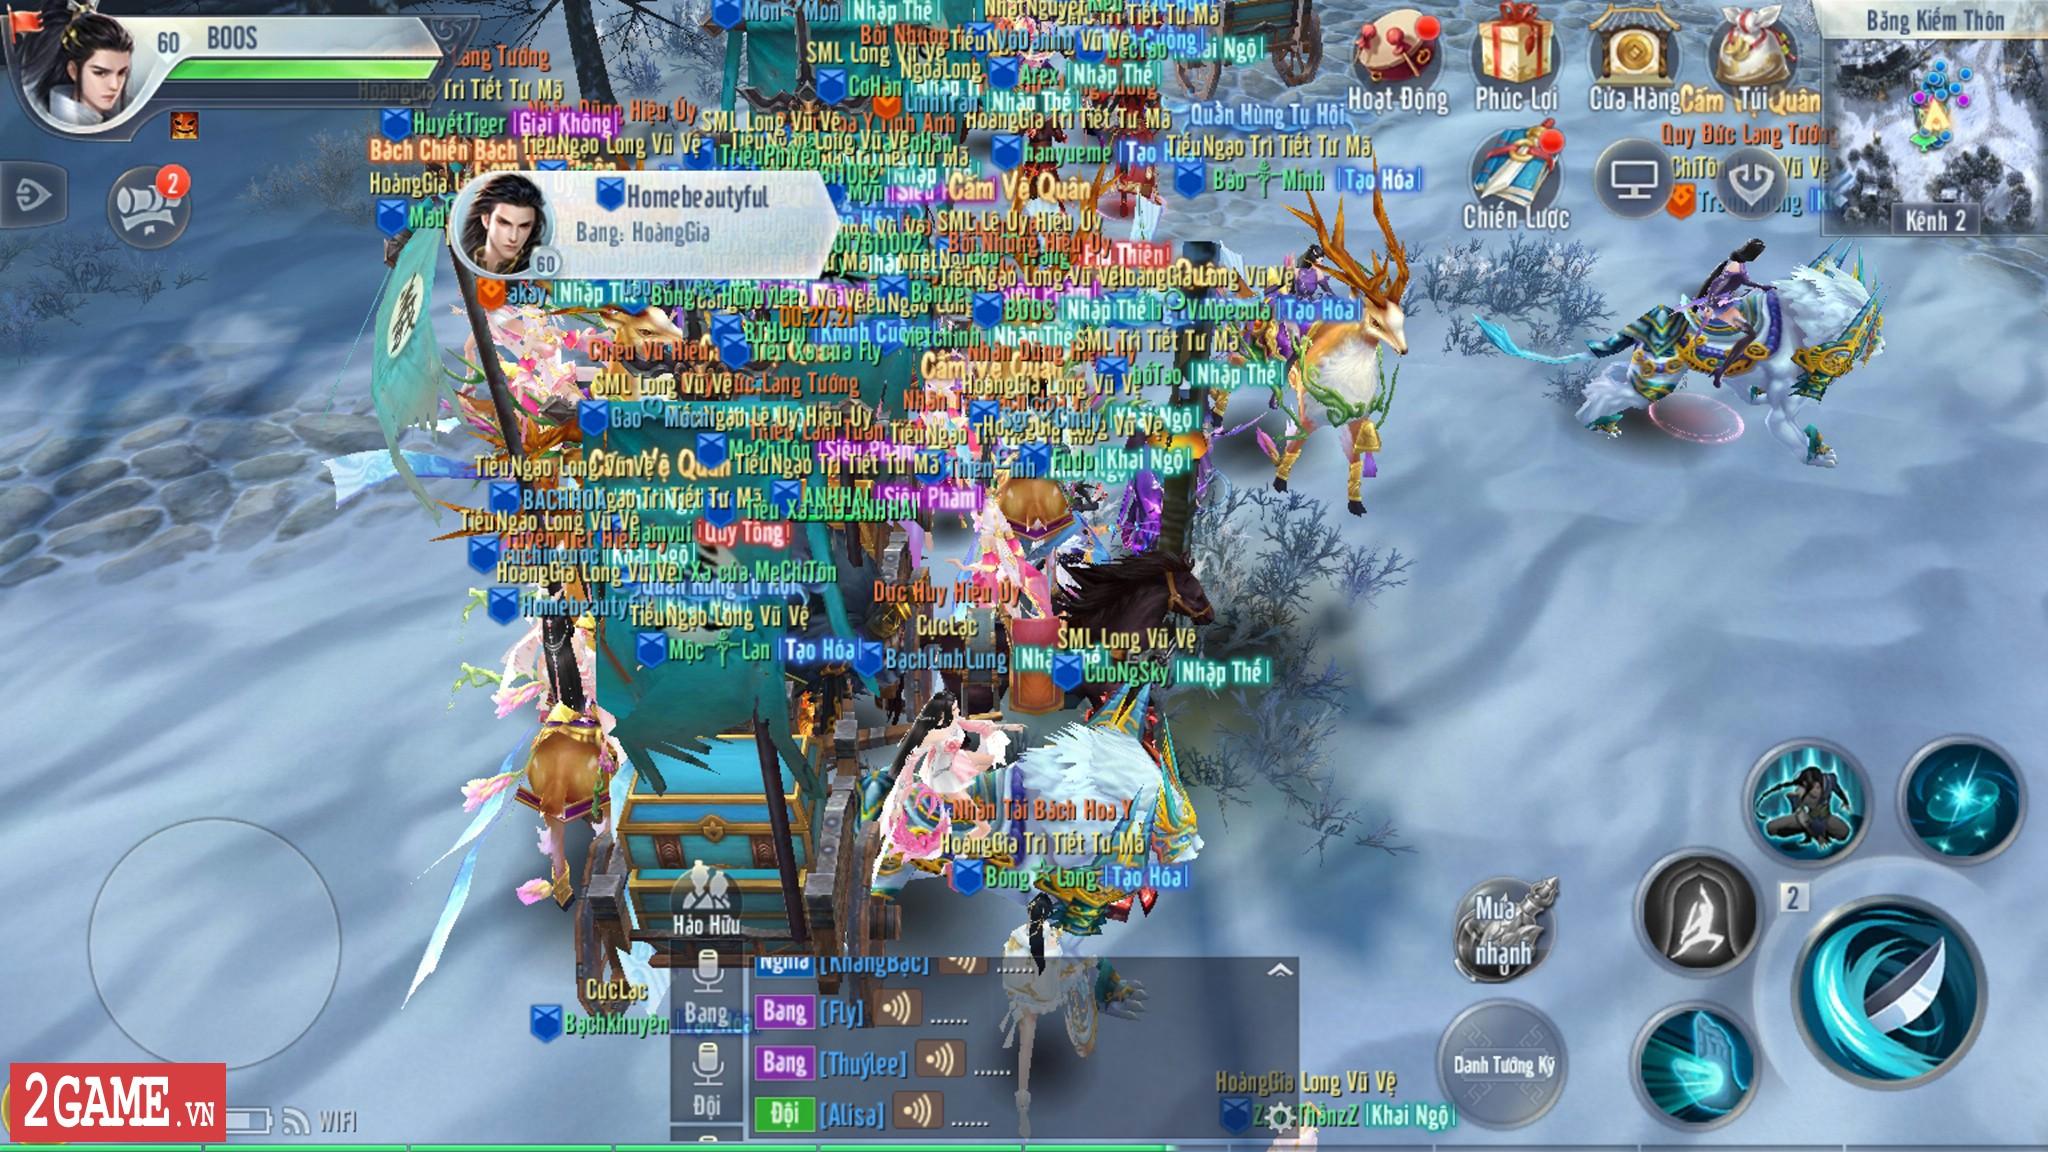 Game thủ Đại Đường Võ Lâm VNG thấp thỏm đời chờ bản big update Tân Sinh Kiếm Hiệp 0